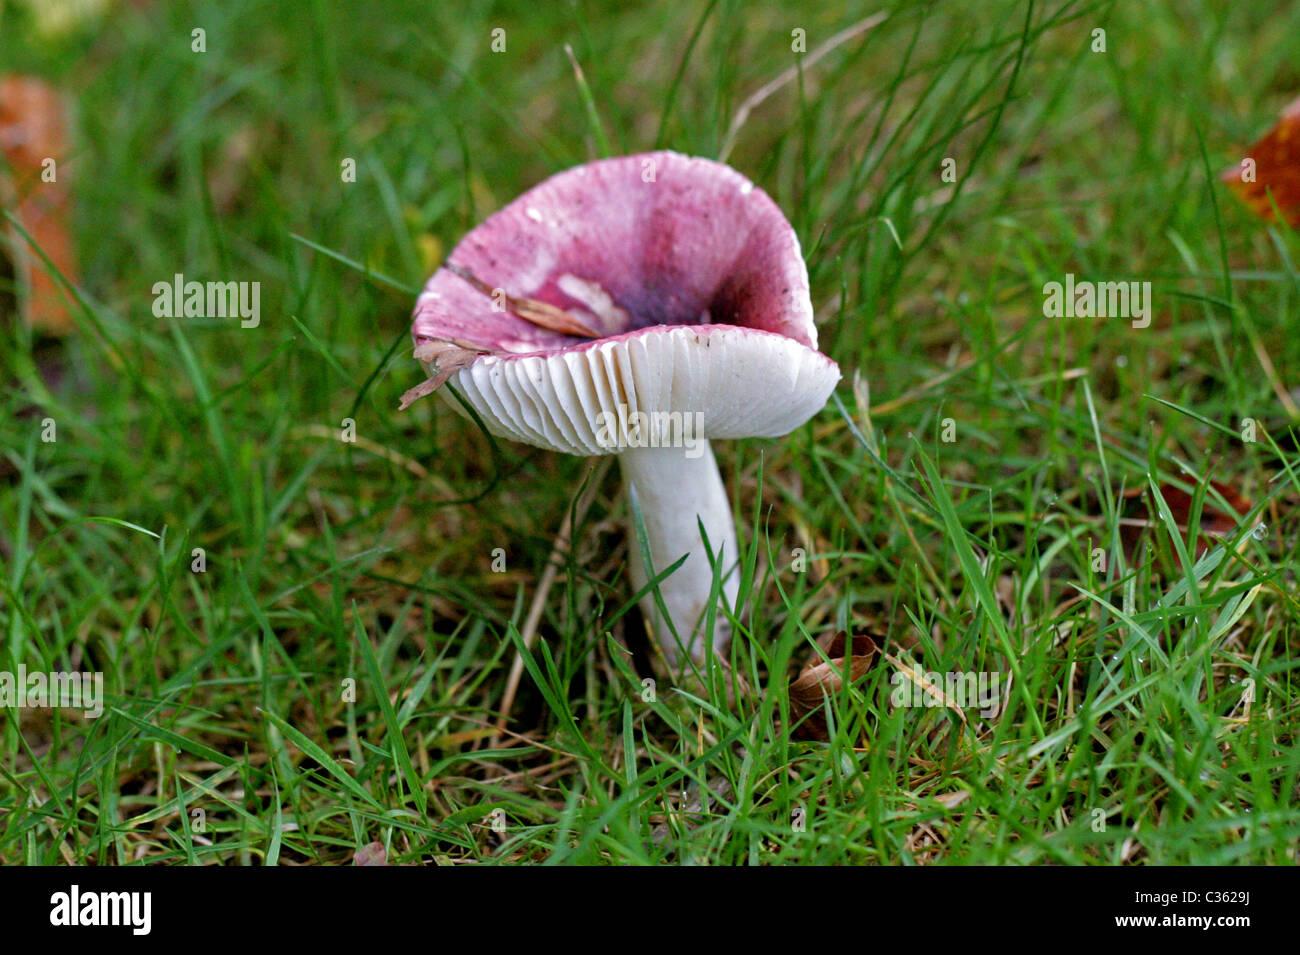 Il flirt, Russula vesca, Russulaceae. Fungo rosa, fungo. Immagini Stock